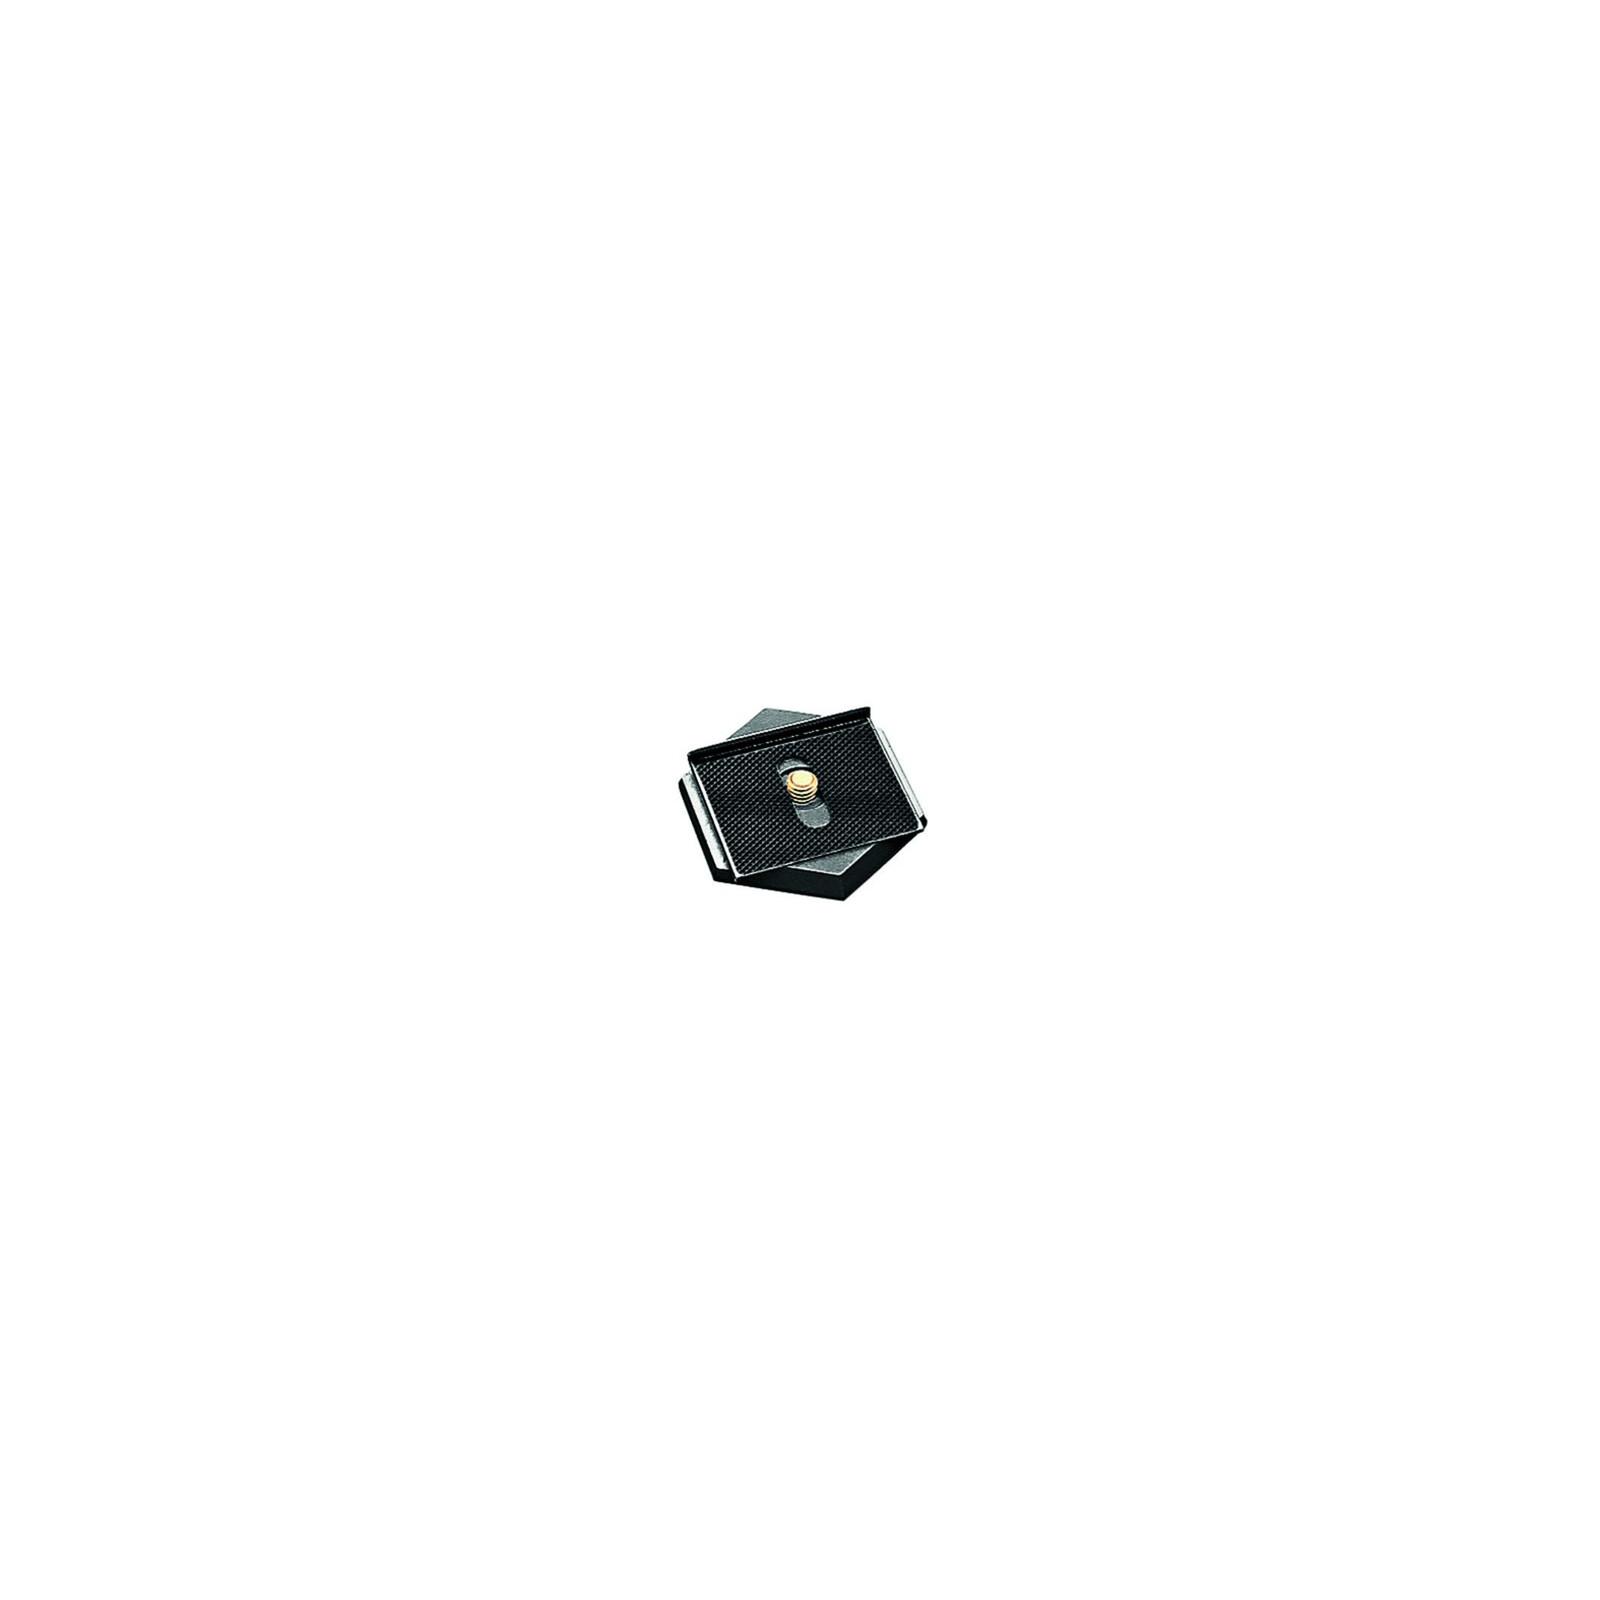 Manfrotto 030ARCH-14 Architekturplatte